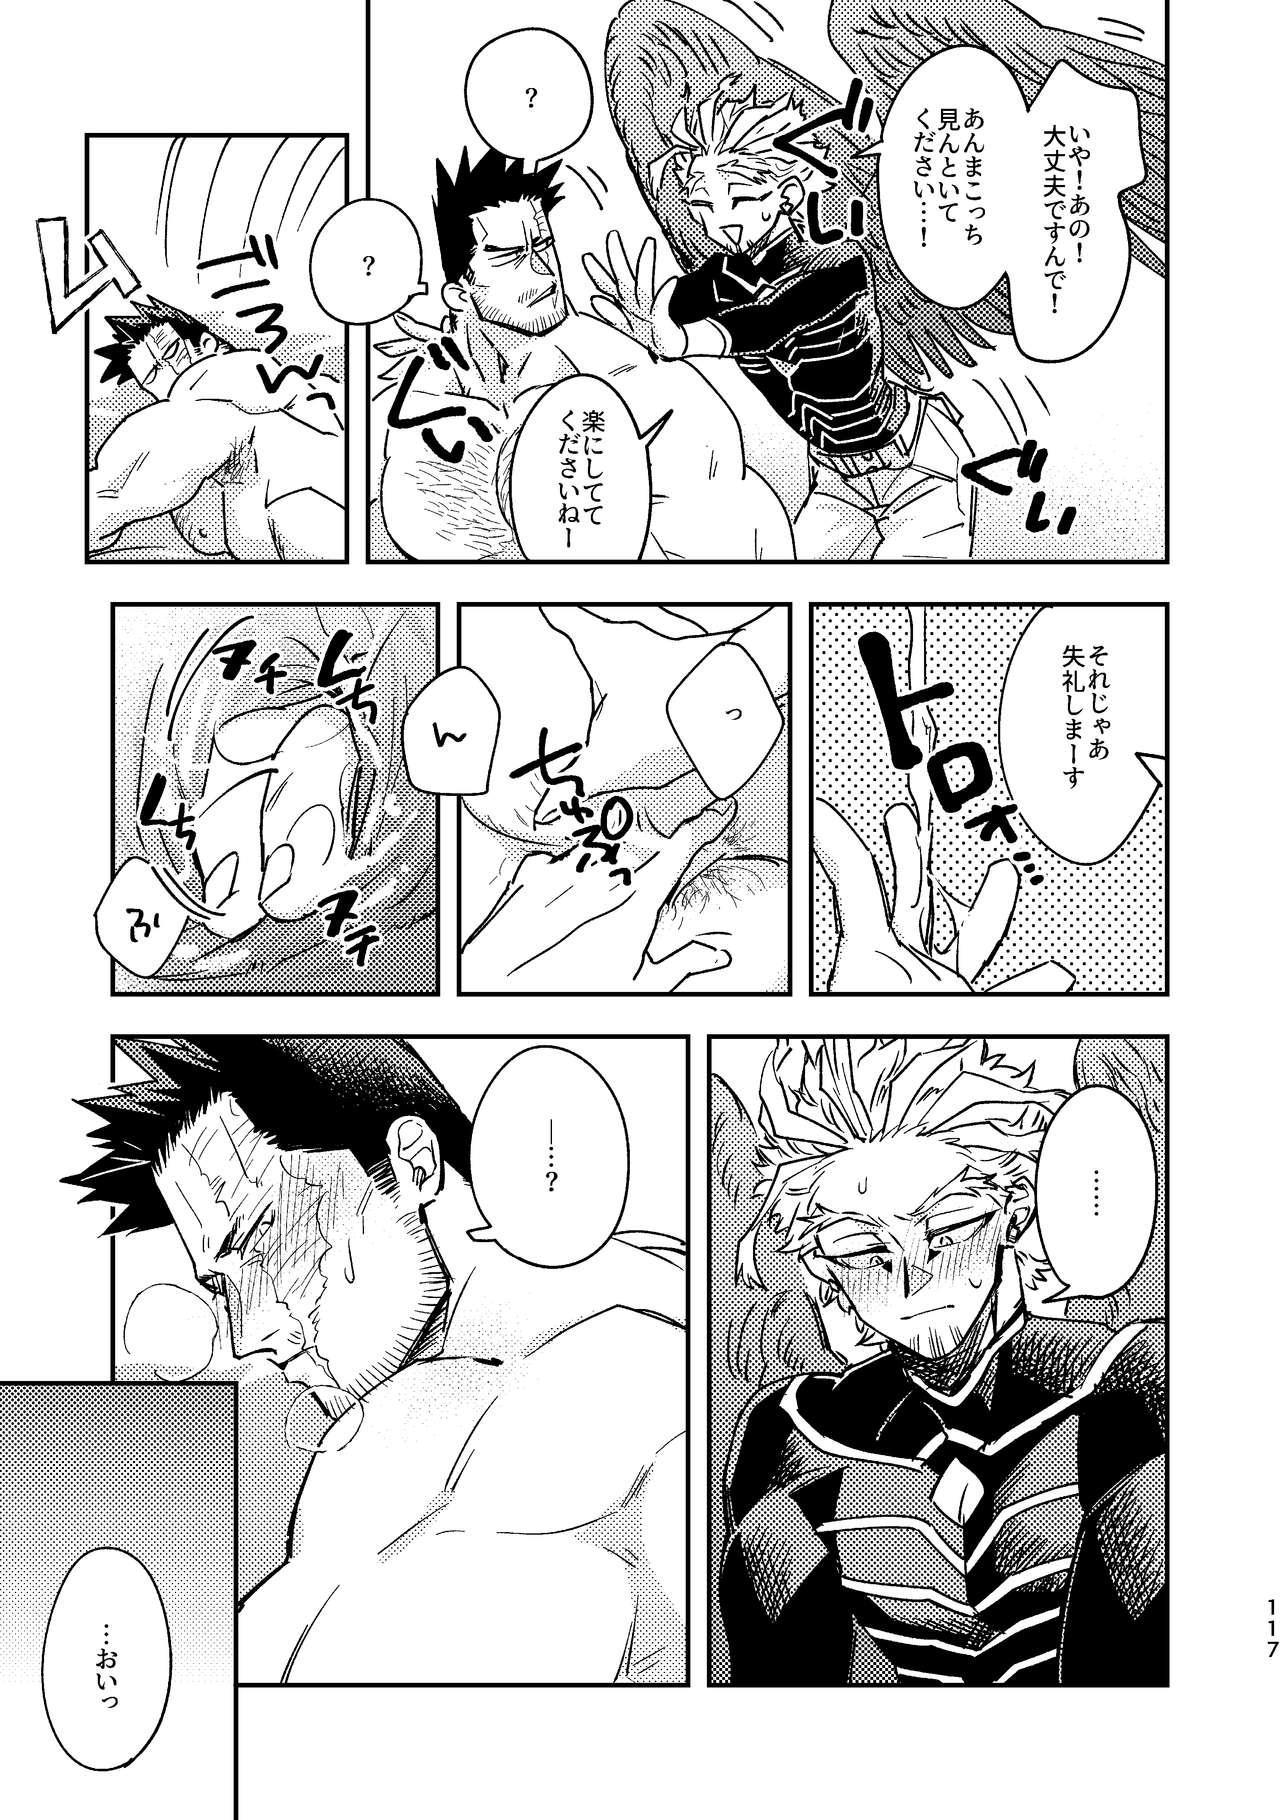 WEB Sairoku Zumi HawEn Manga ga Kami demo Yomeru Hon. 116